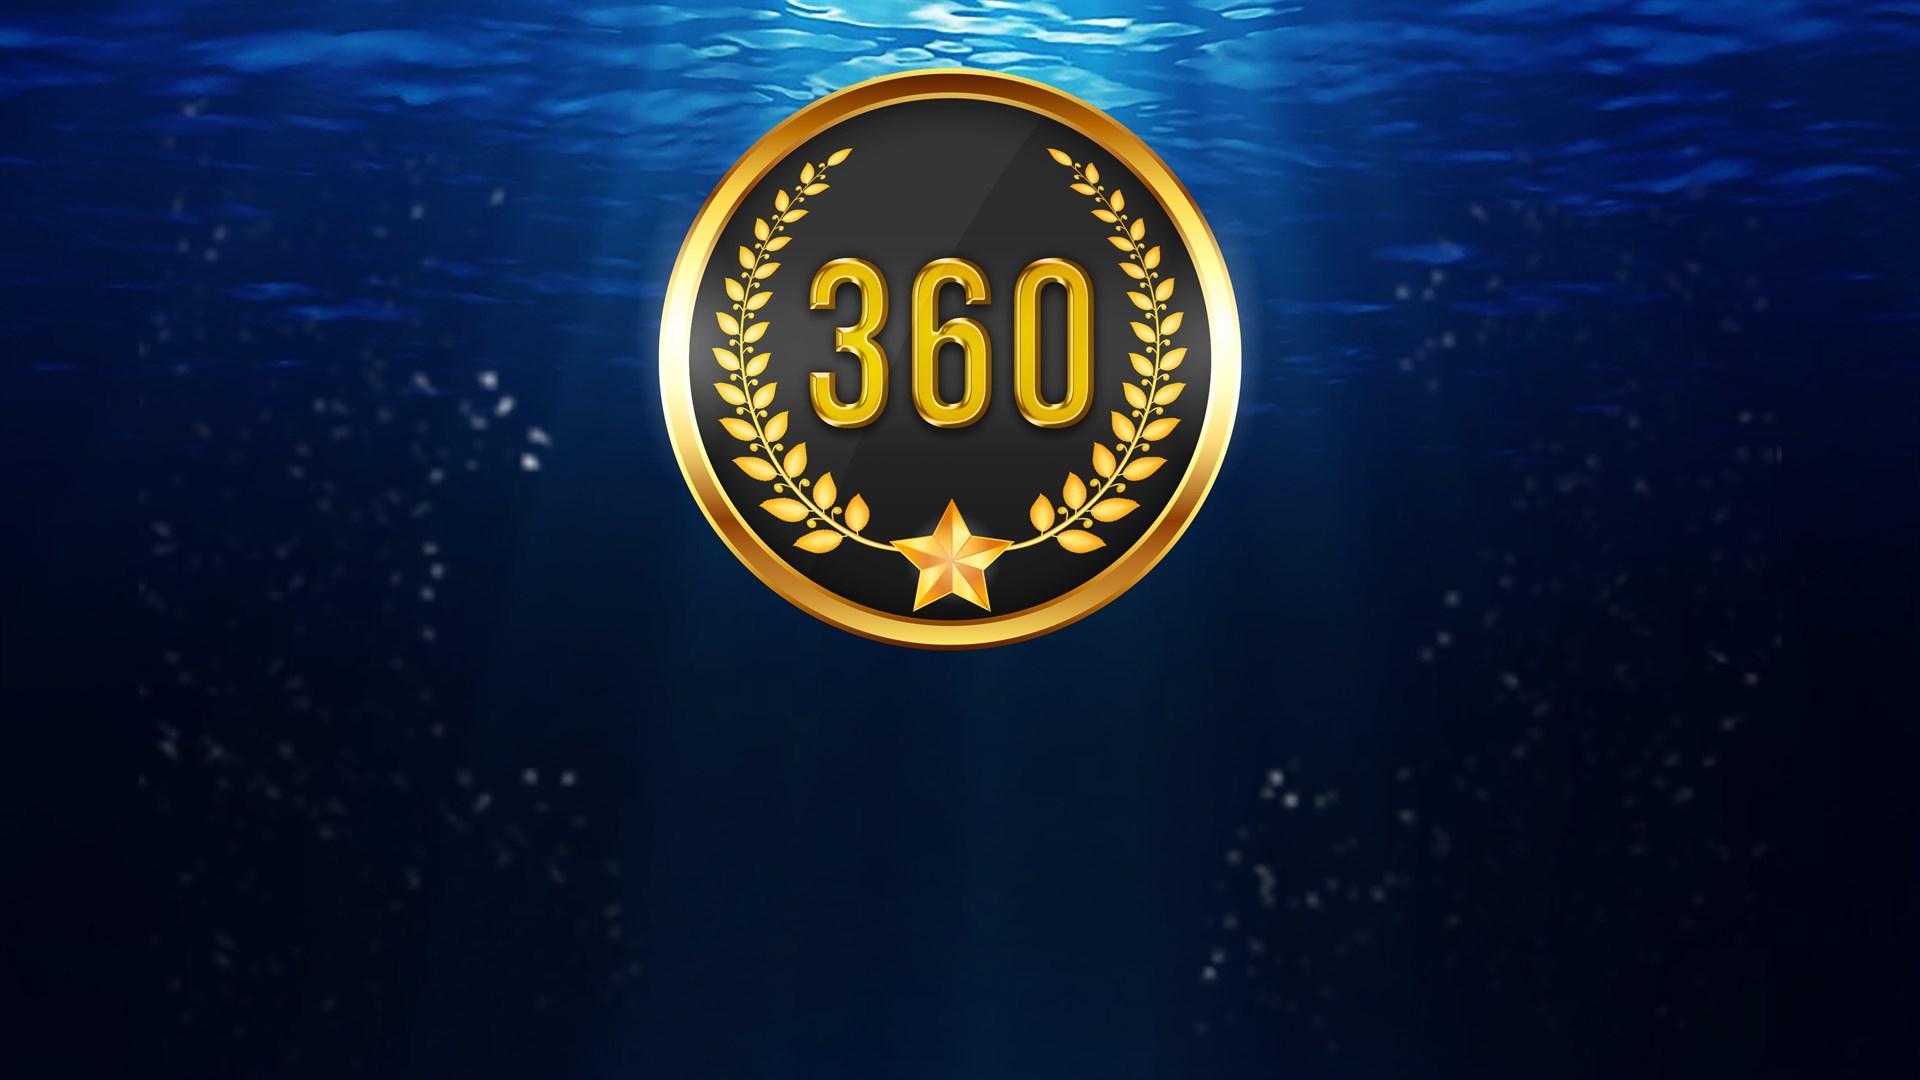 360 days of Premium Account